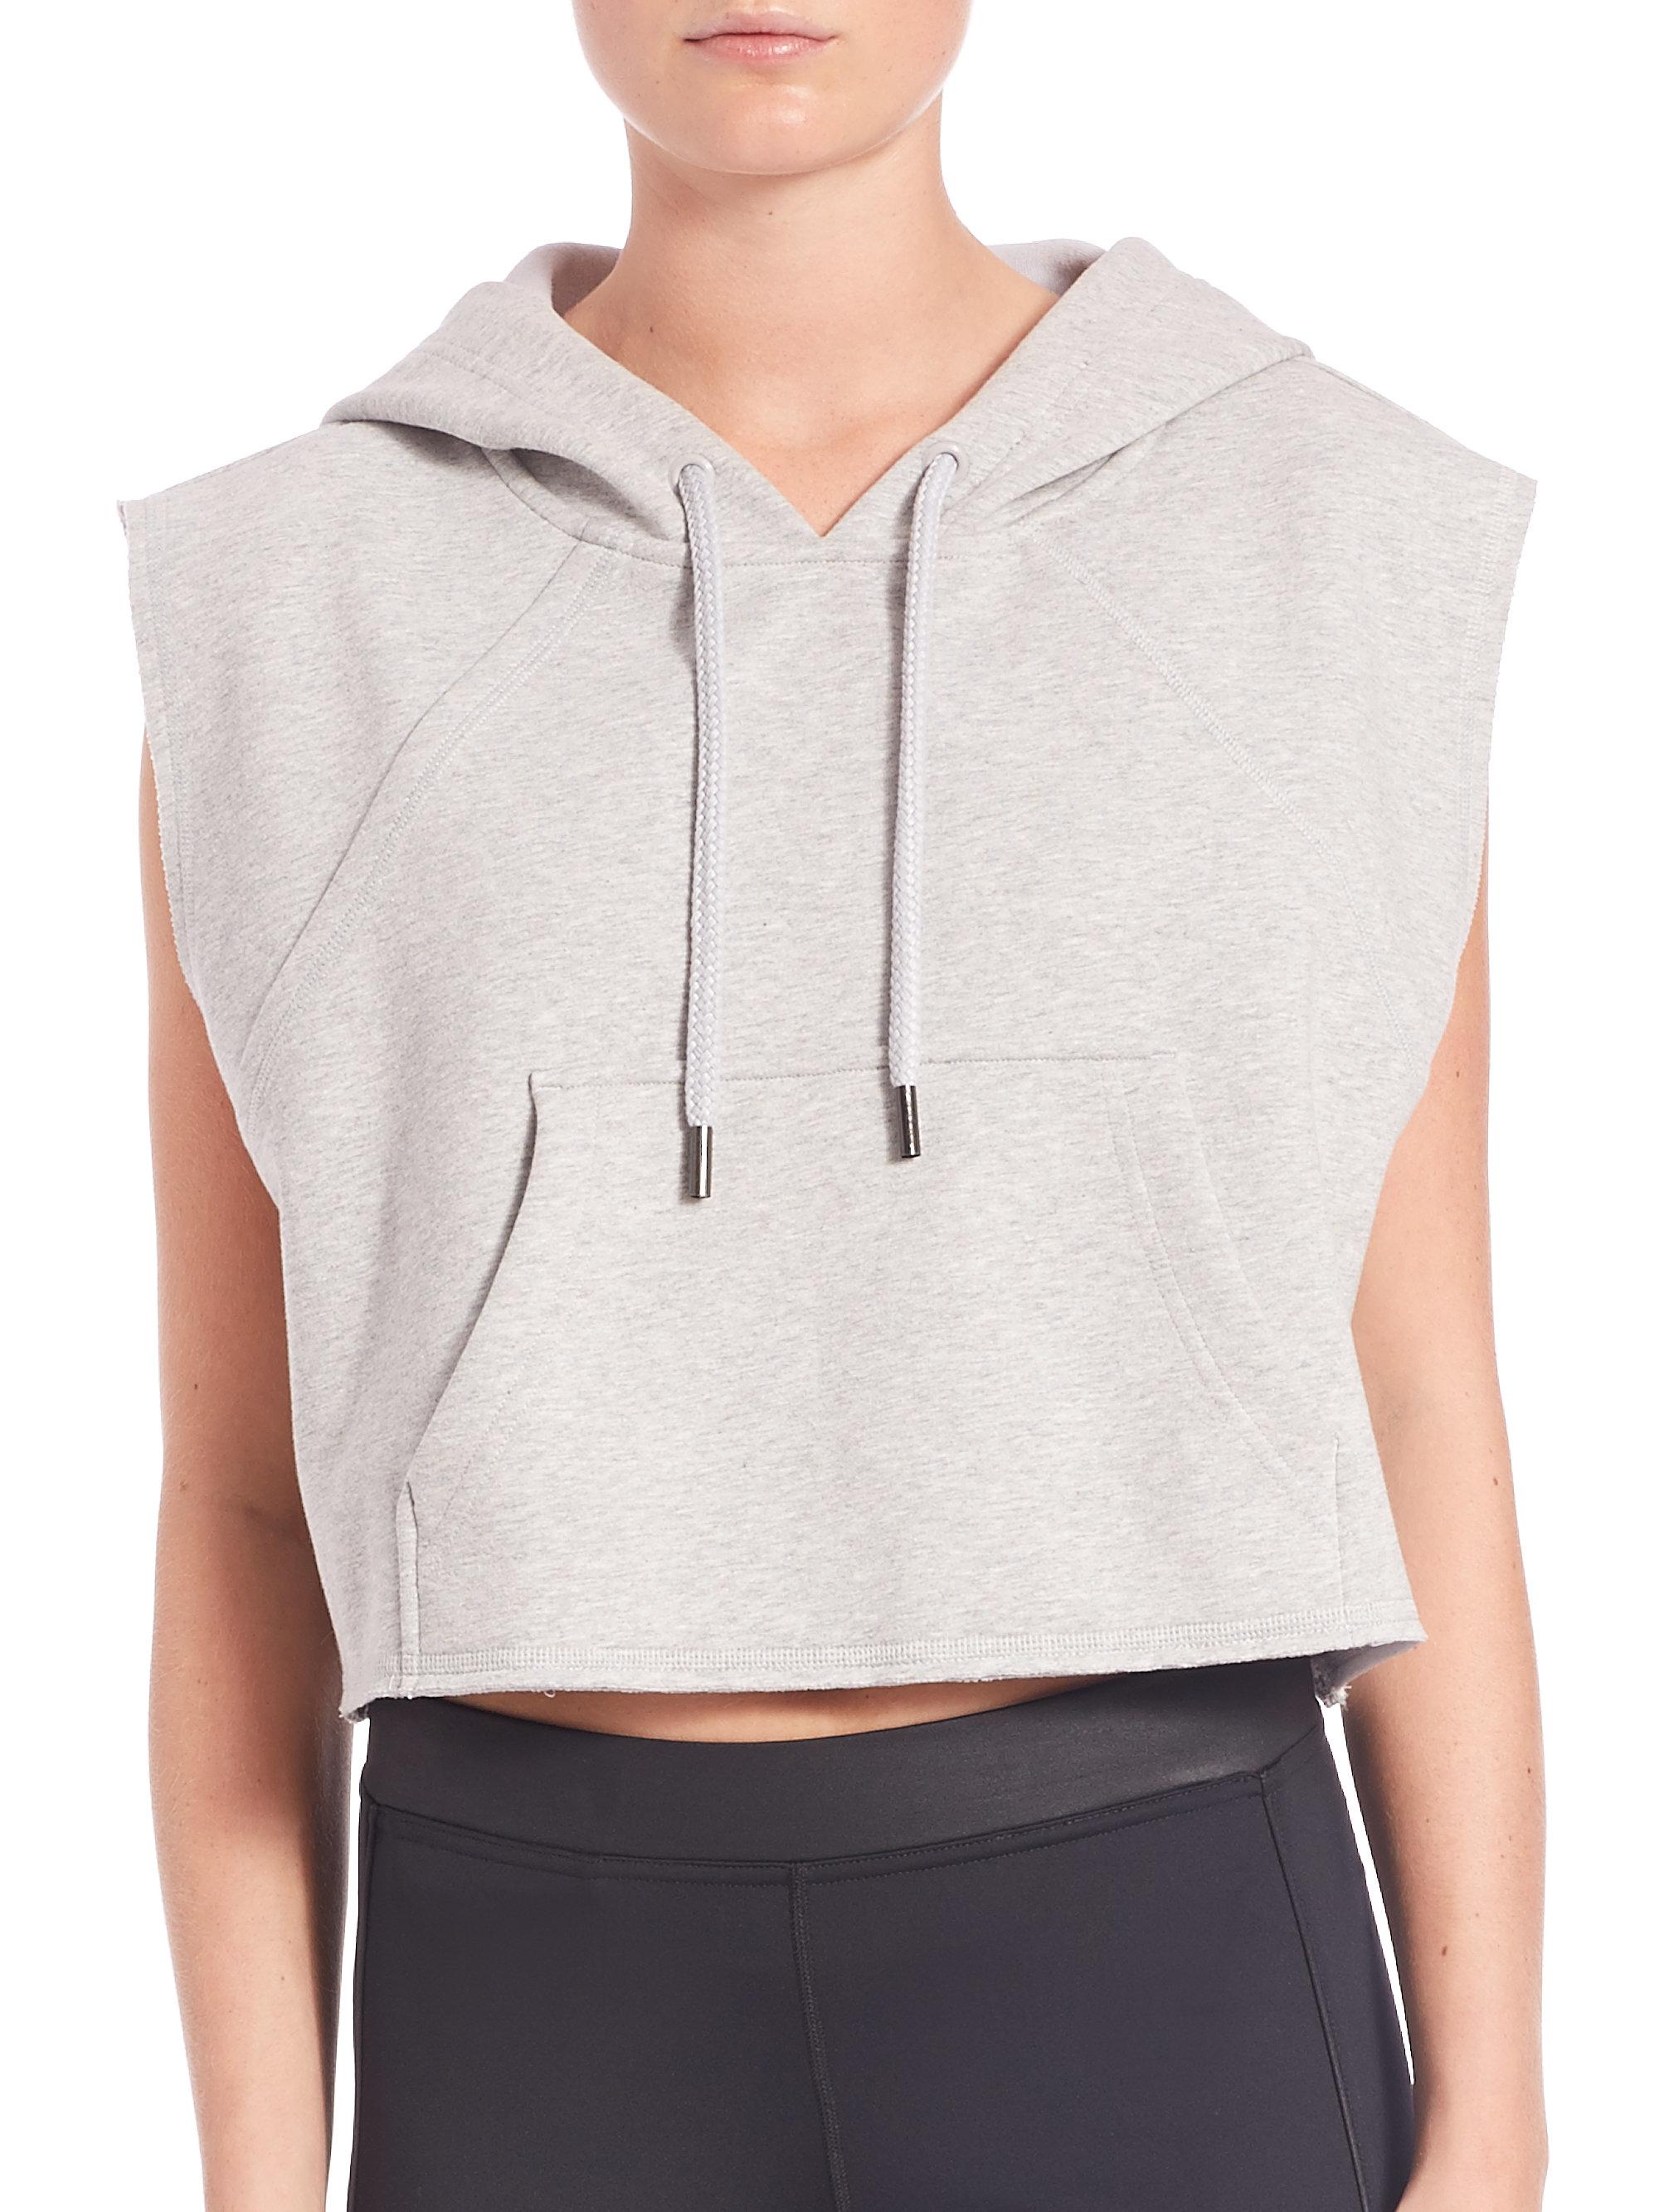 367e62f84cd0 Lyst - adidas By Stella McCartney Cropped Yoga Hoodie in Gray